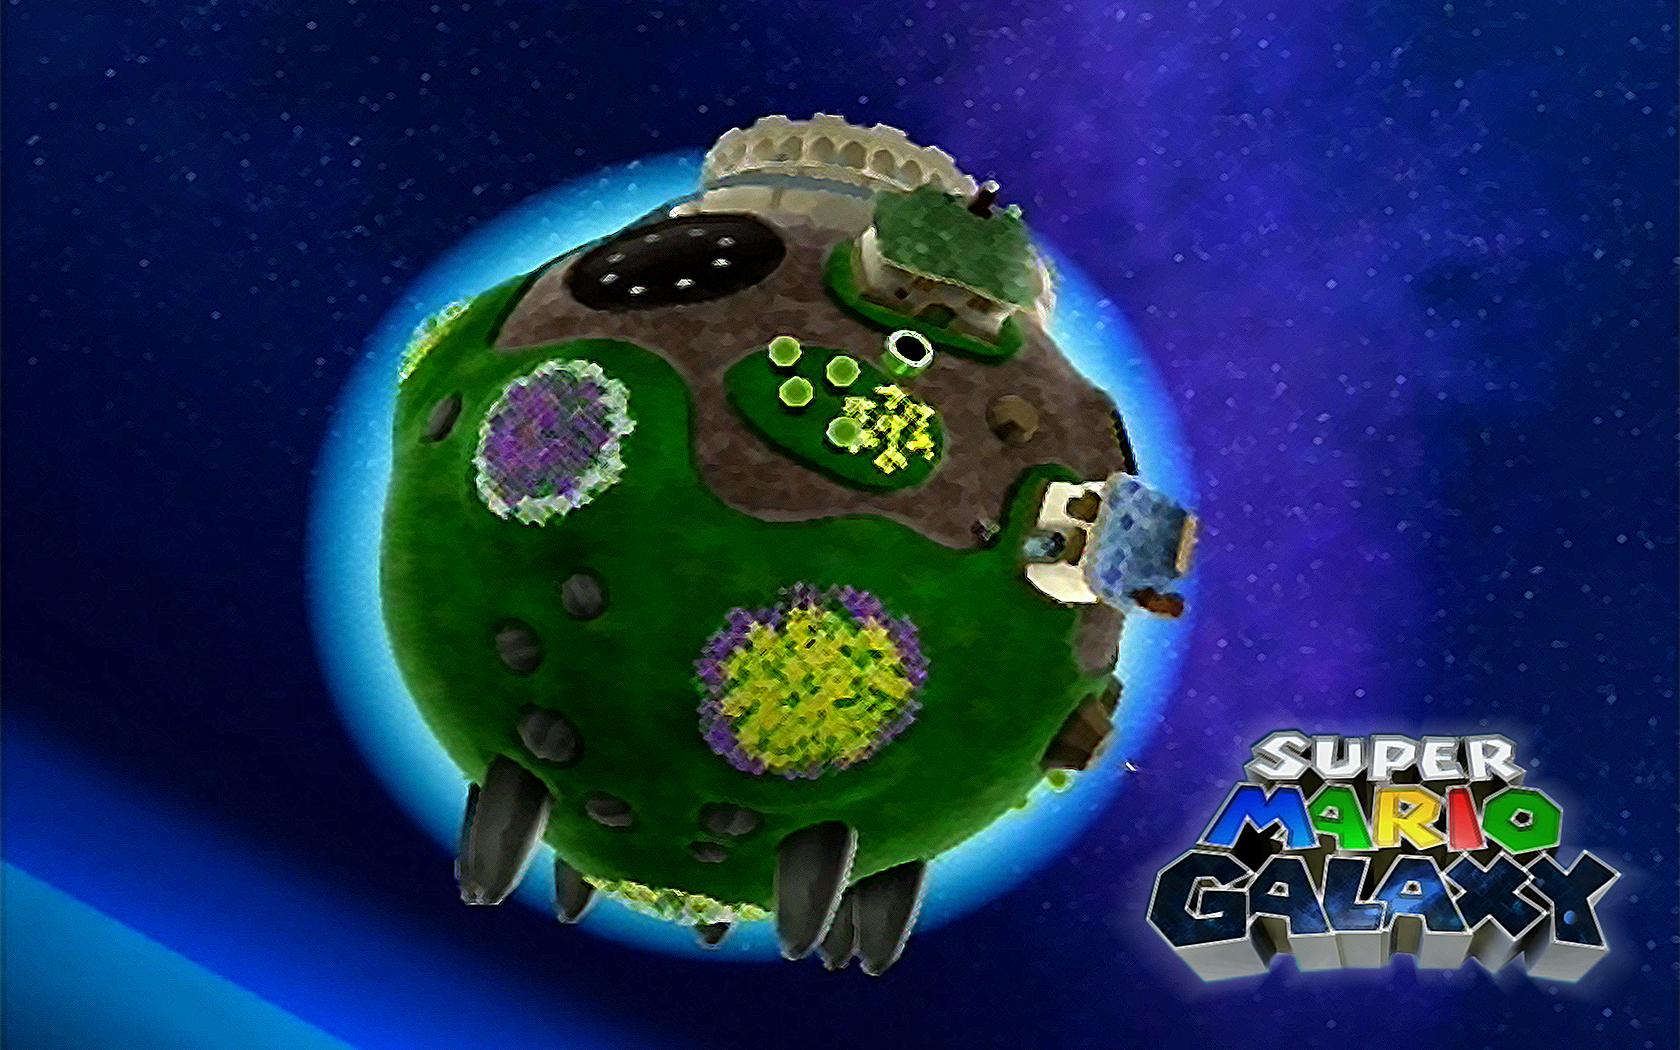 Super Mario Galaxy Wallpapers: Super Mario Galaxy Wallpaper By OneginIII On DeviantArt